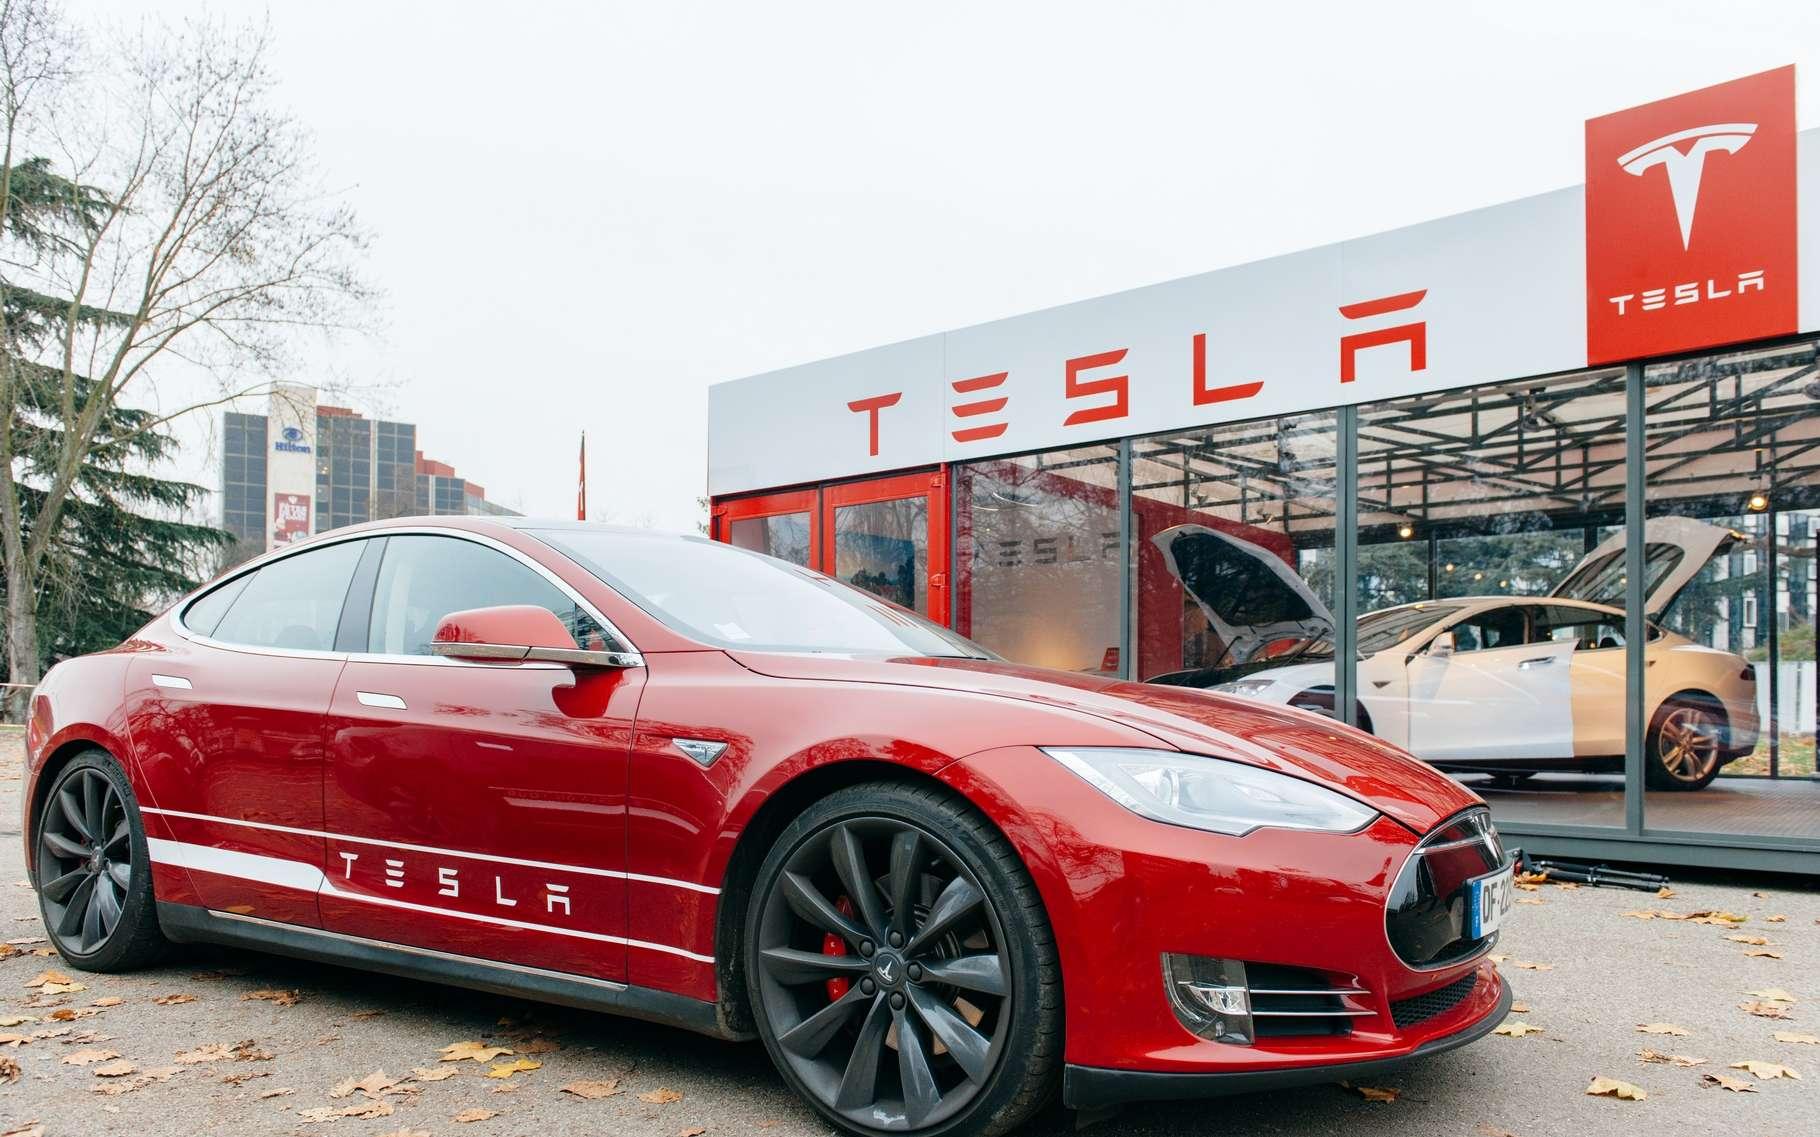 En 2015, Tesla a vendu près de 51.000 voitures dont une majorité de Model S. Le constructeur a révélé qu'un premier accident mortel avait eu lieu avec ce type de véhicule, en pilote automatique. © Hadrian, Shutterstock